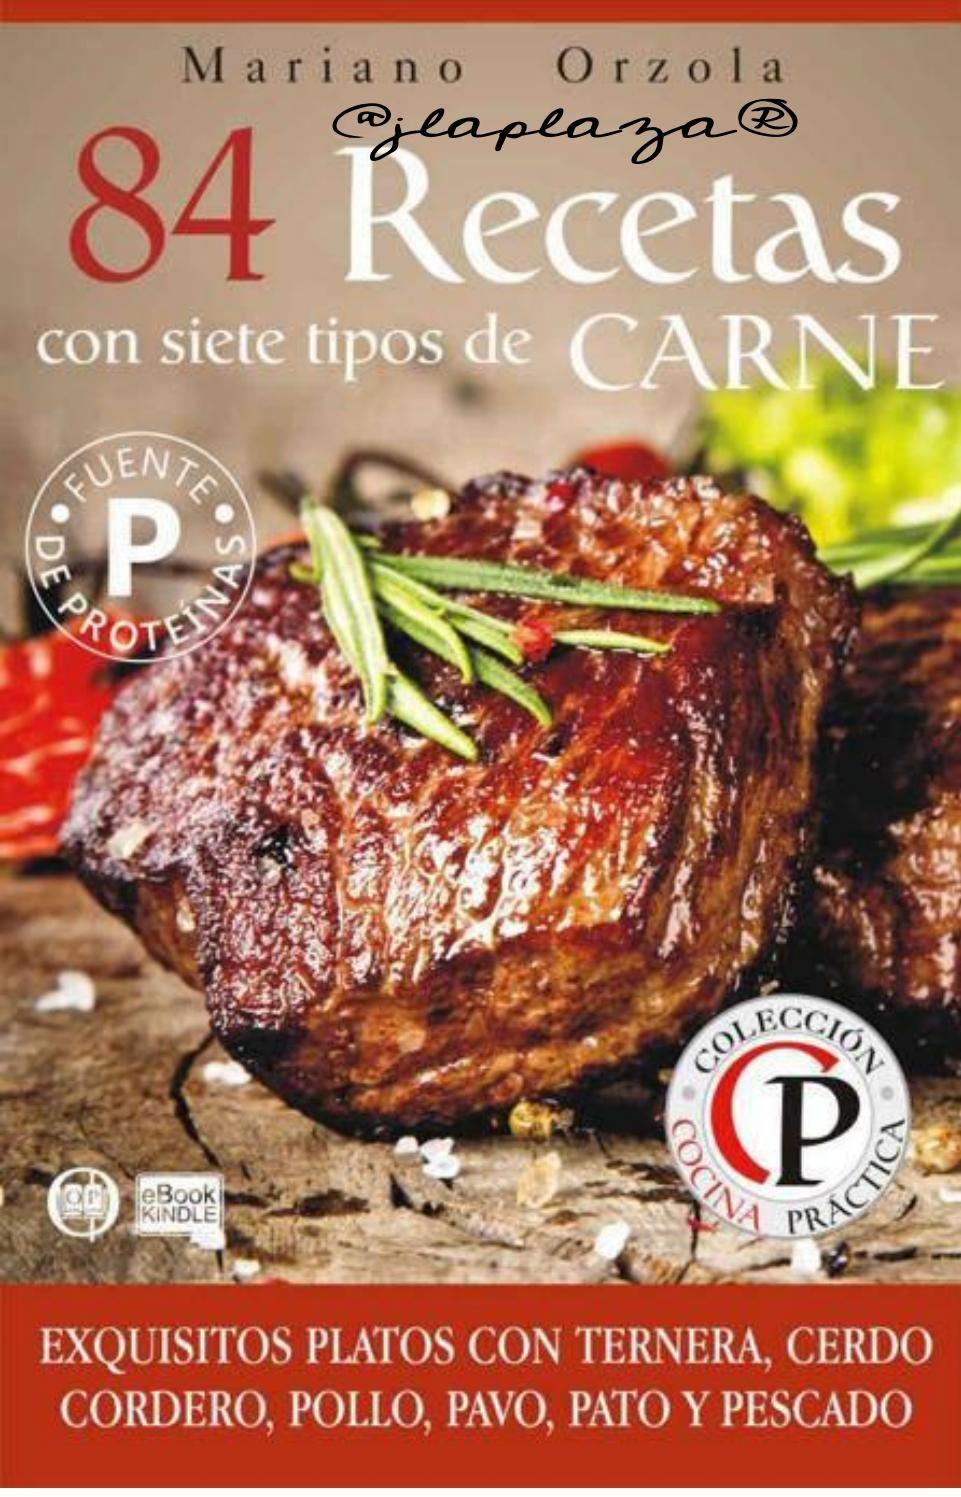 d4faf0e6dbac6a087772d14f746fa69f - Carne Recetas